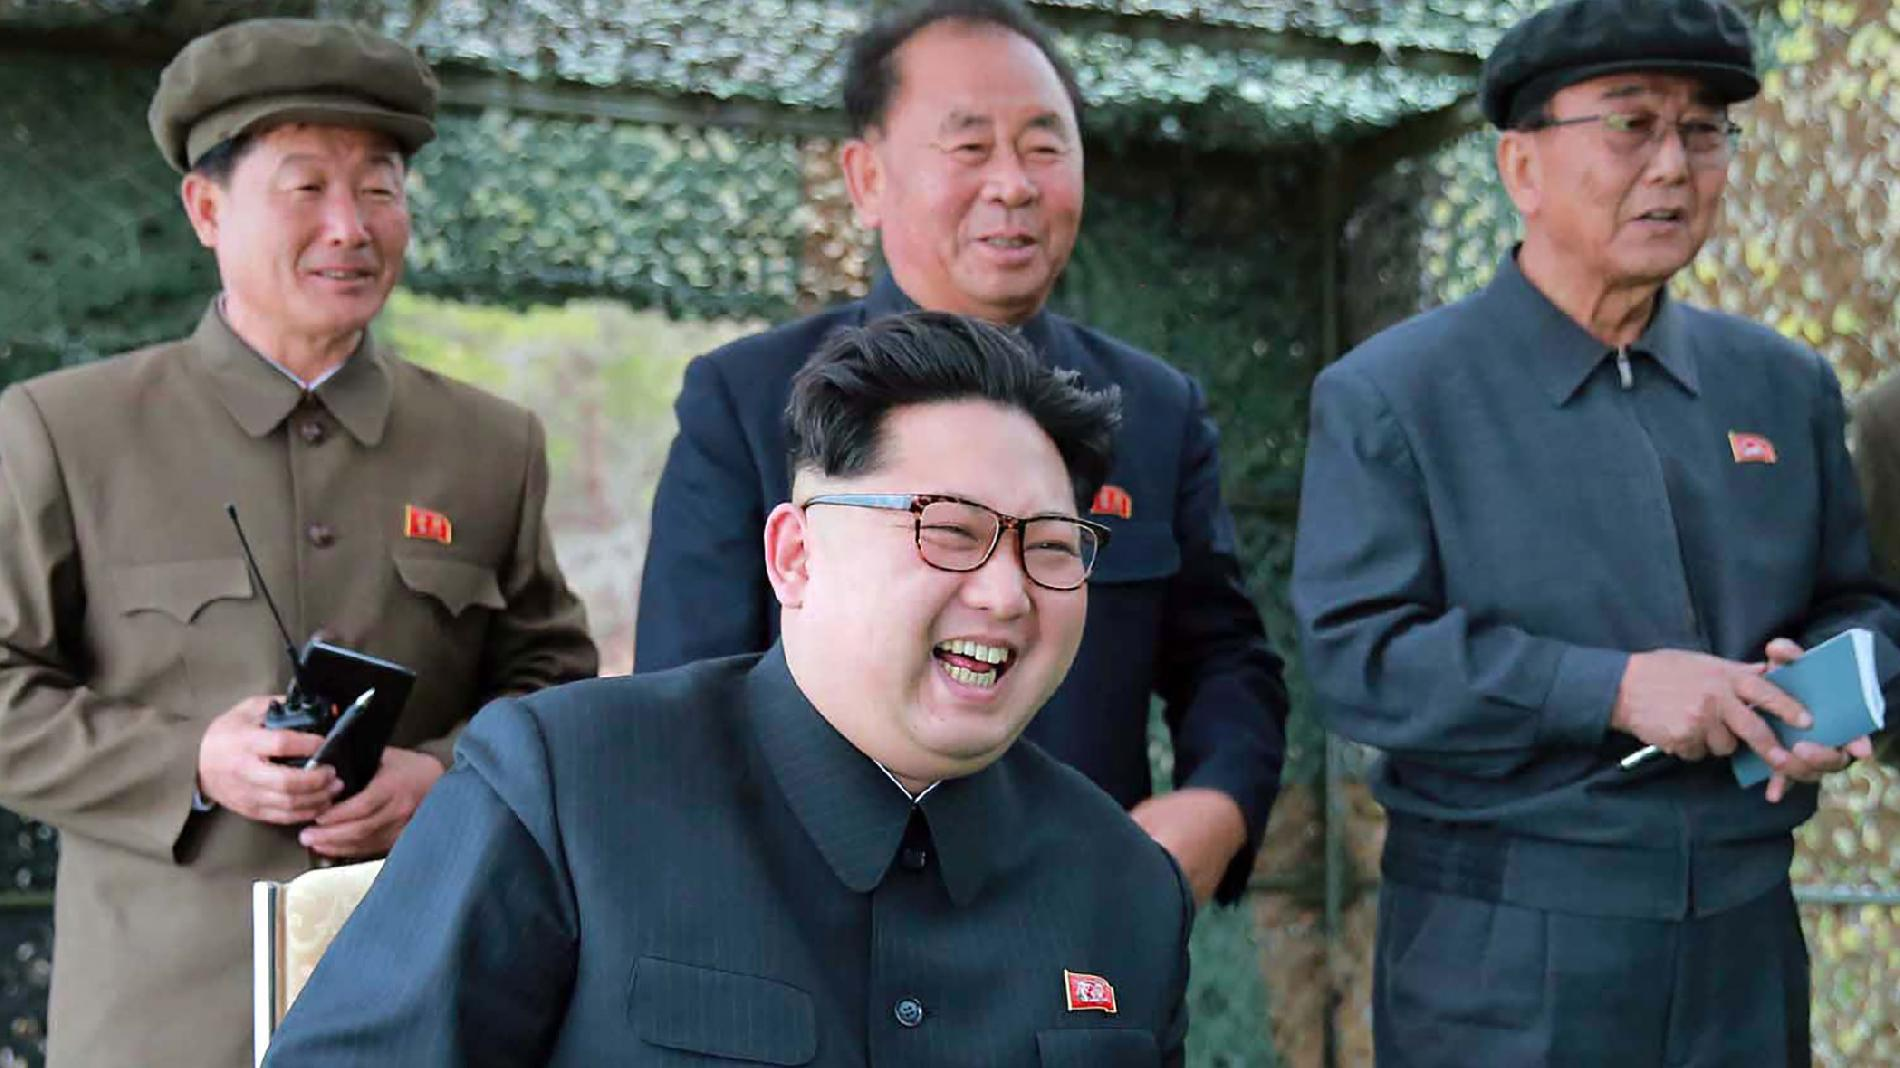 중유럽인이 바라본 북핵 문제